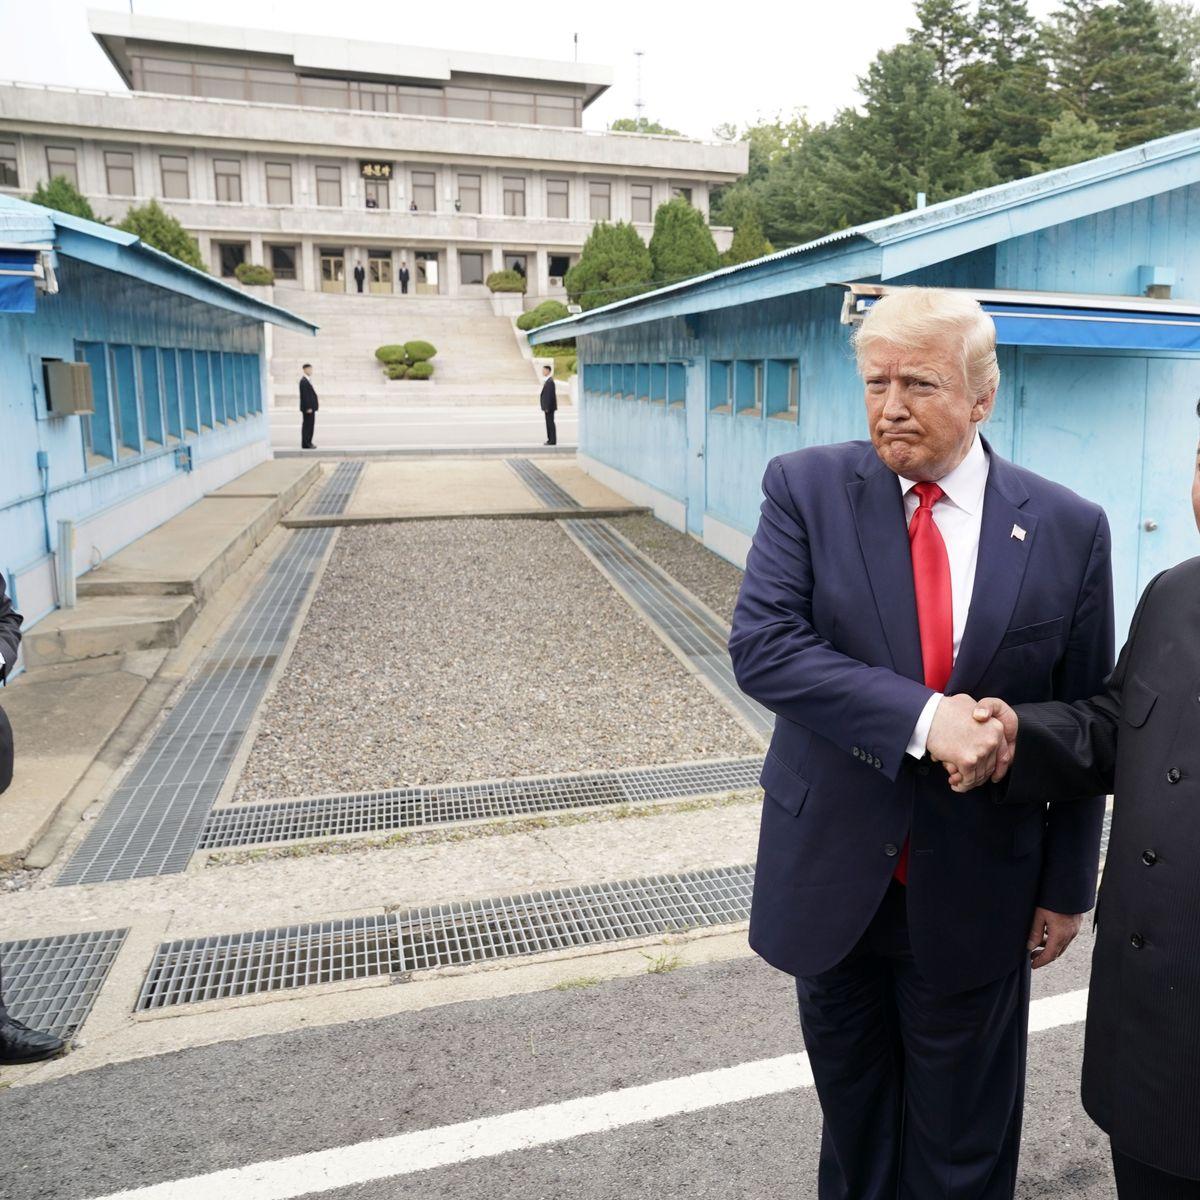 Treffen an der koreanischen Grenze: Donald Trump lädt Kim Jong Un ins Weiße Haus ein